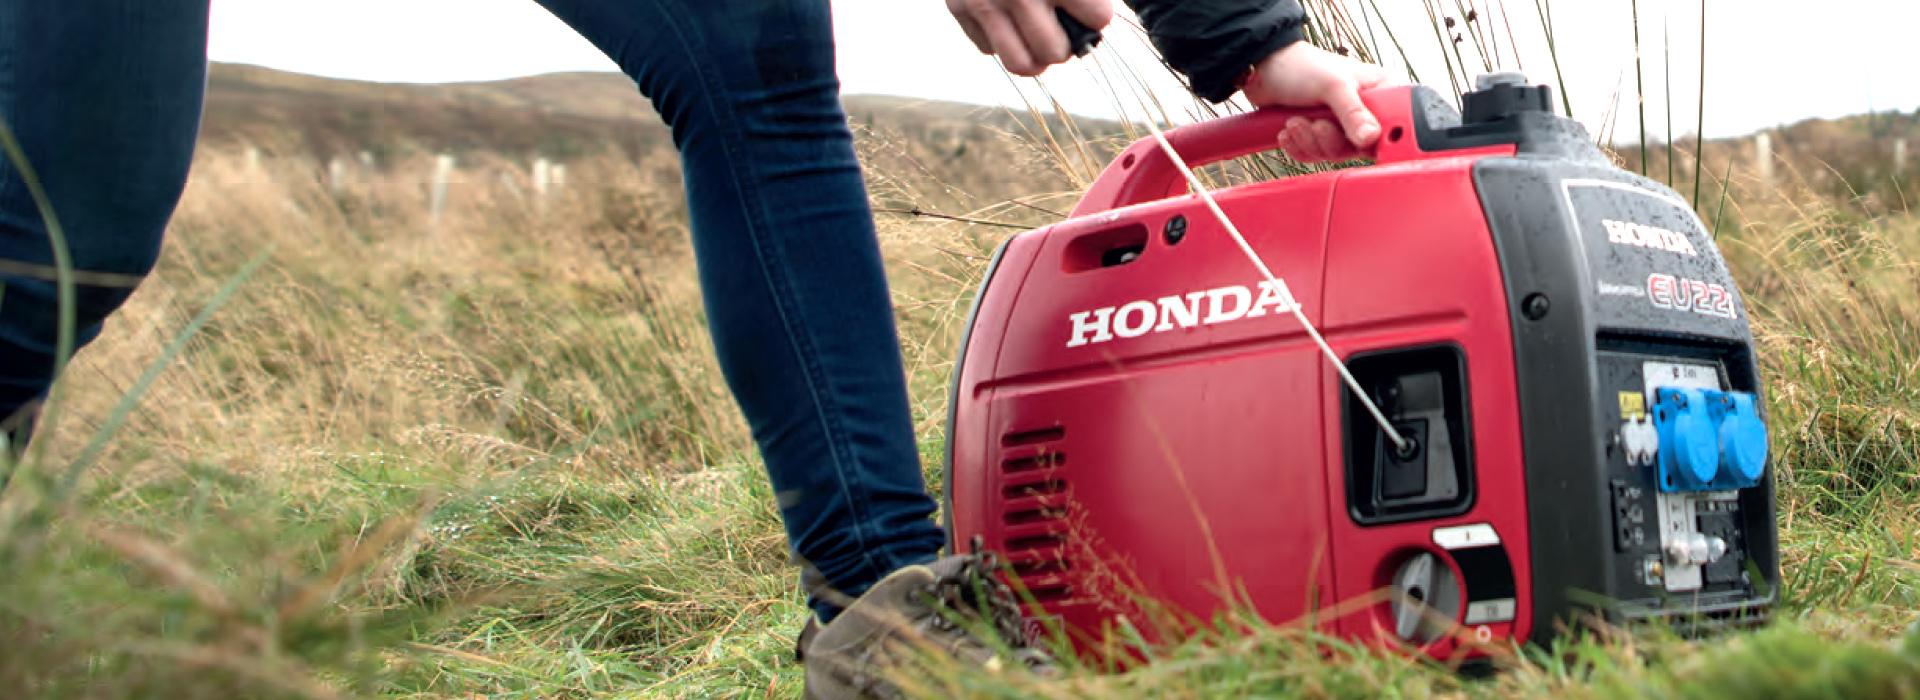 Honda-Generatoren